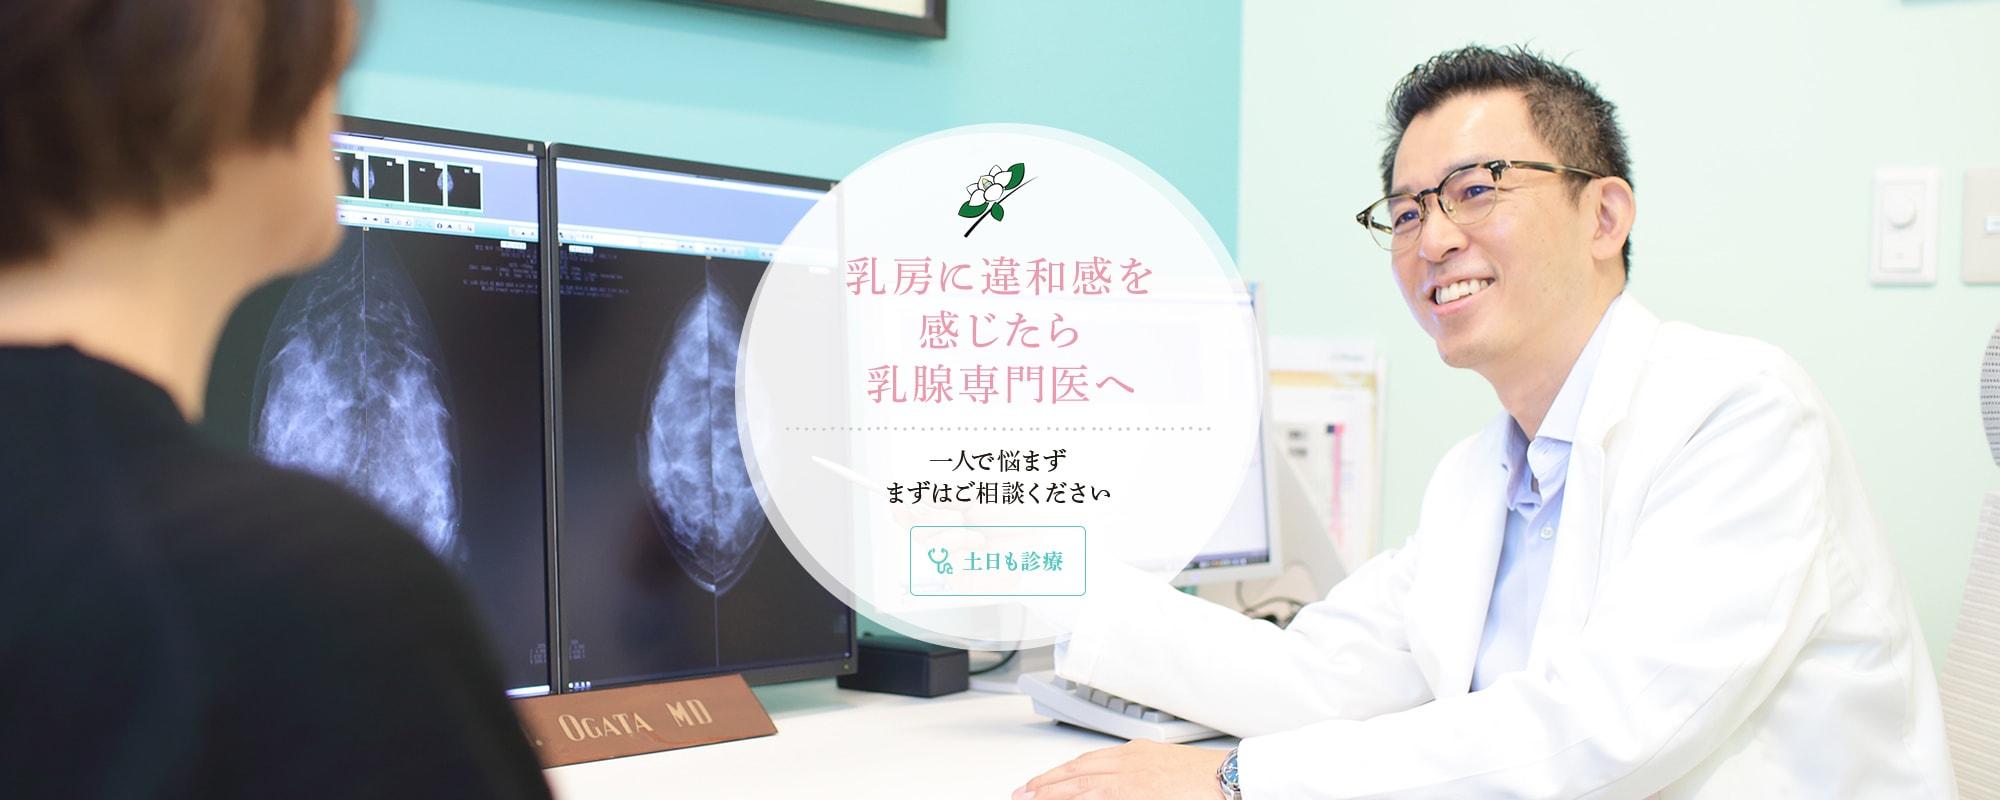 乳房に違和感を 感じたら乳腺専門医へ 一人で悩まず、まずはご相談ください